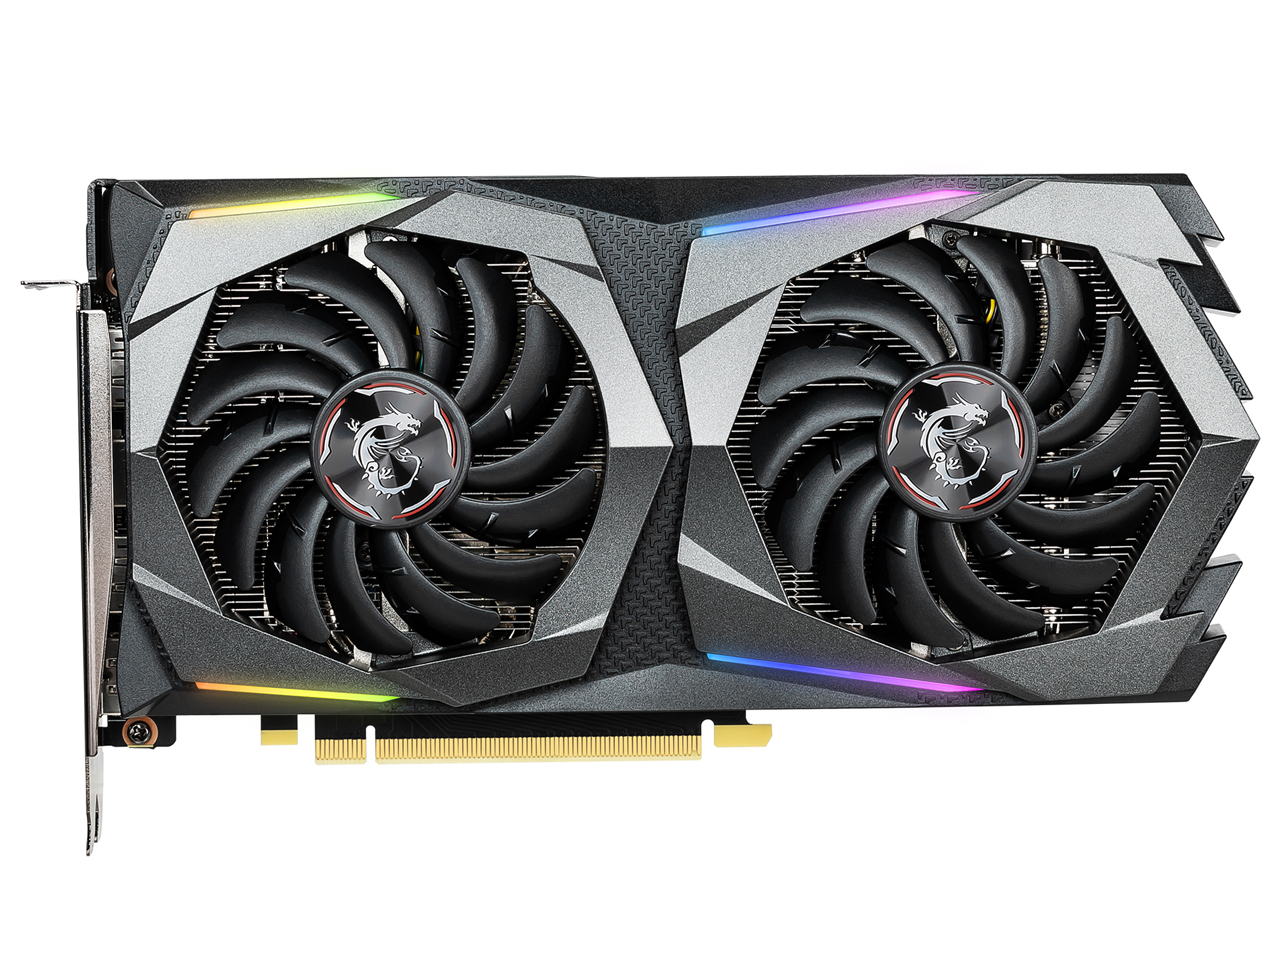 『本体1』 GeForce GTX 1660 Ti GAMING X 6G [PCIExp 6GB] の製品画像